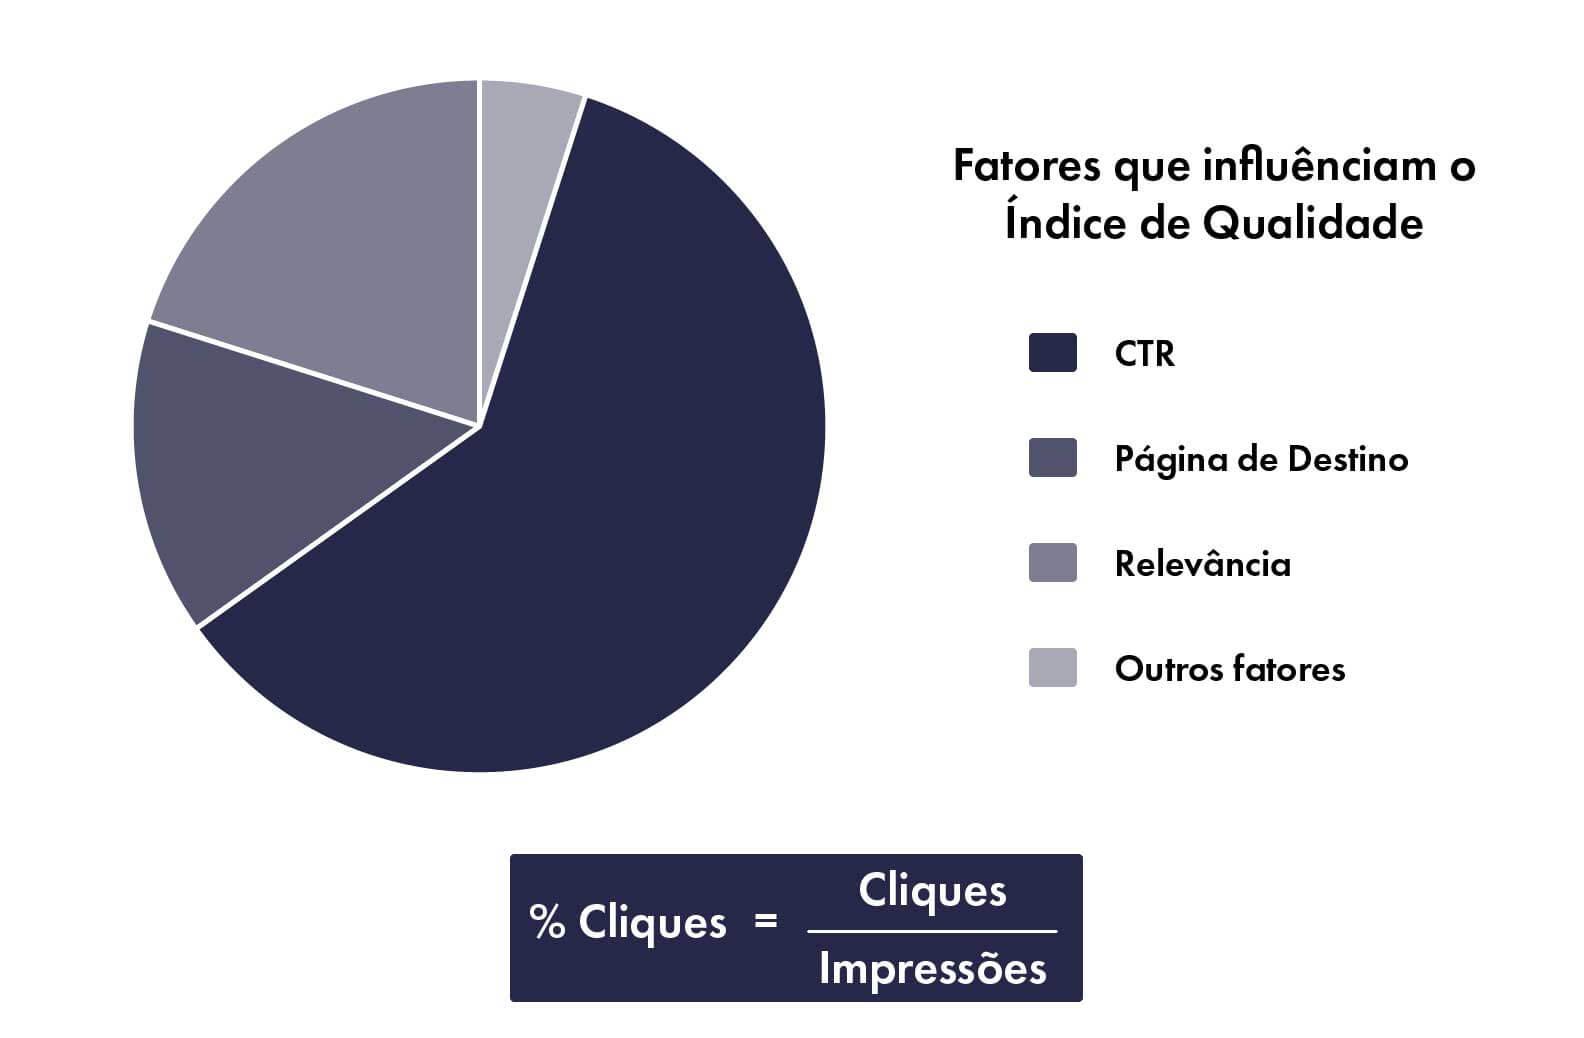 índice-de-qualidade-google-ads-fatores-que-influenciam